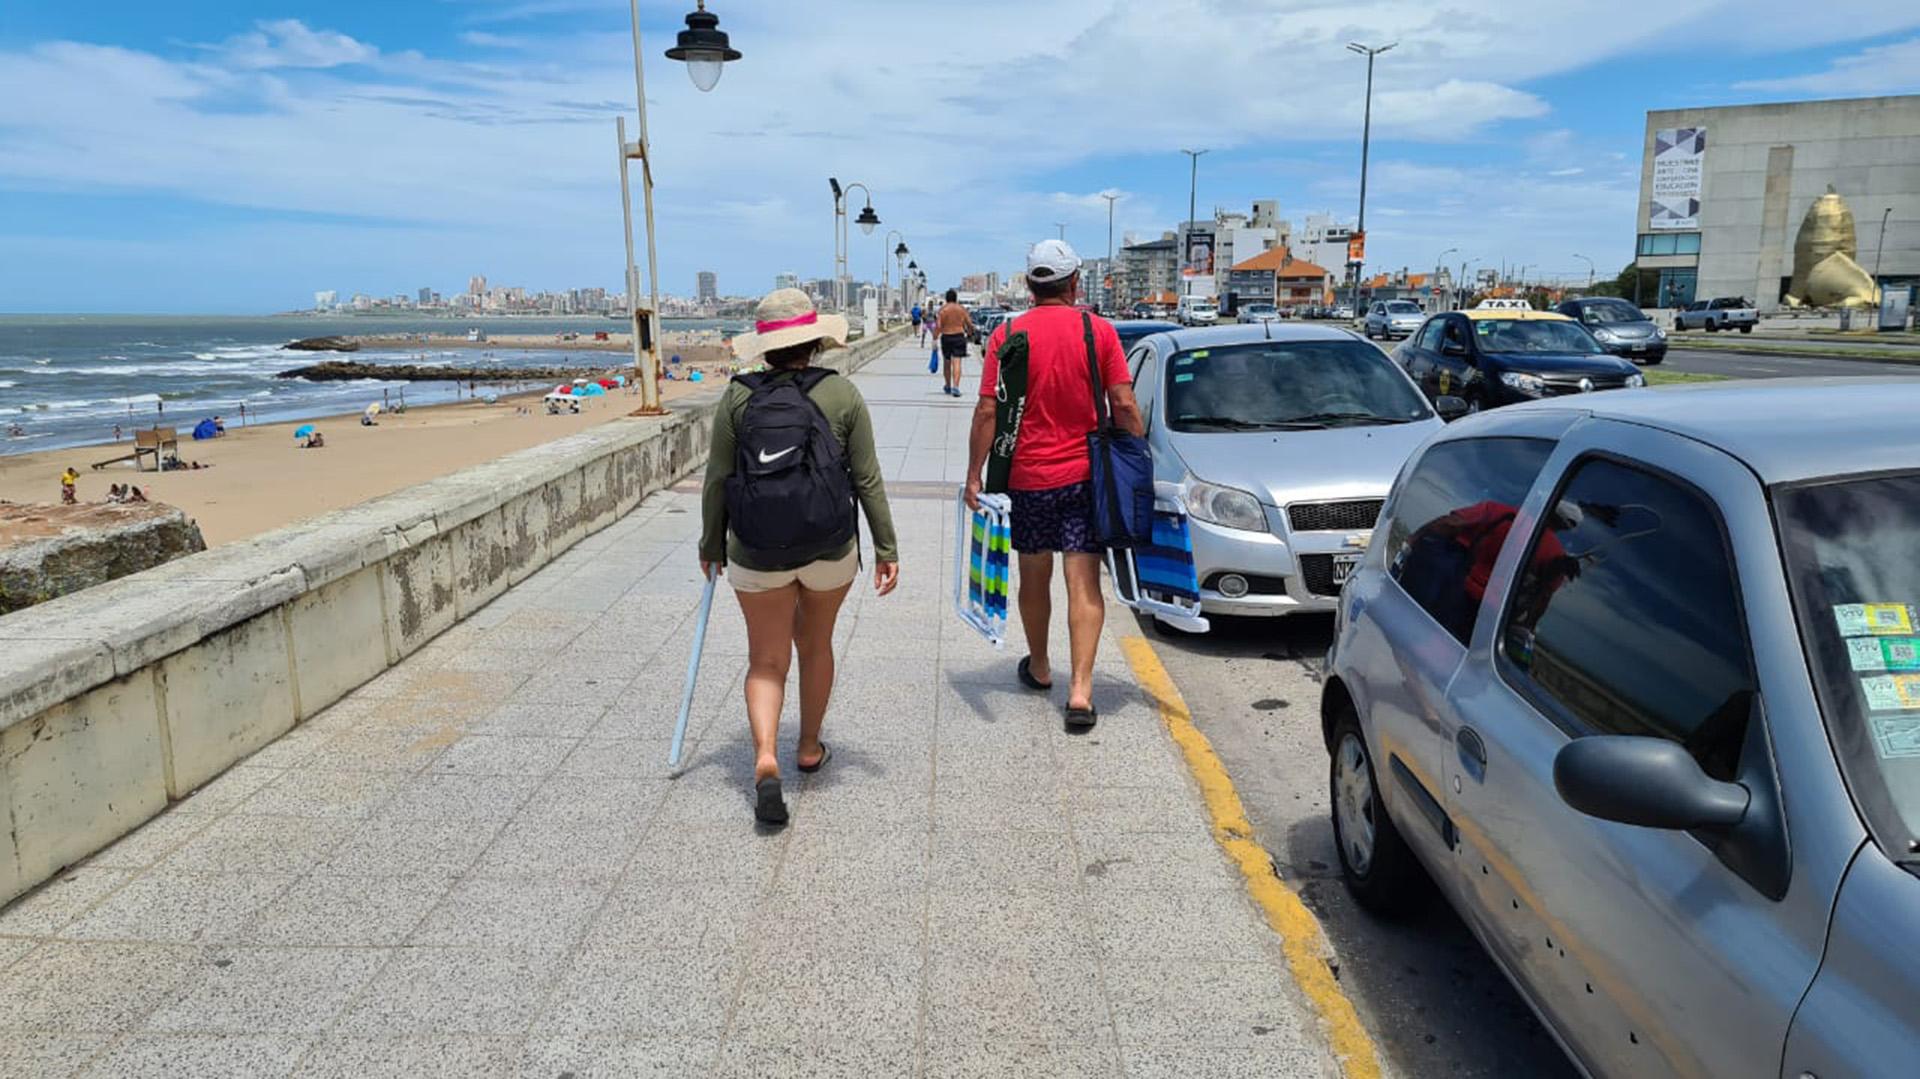 """""""La ocupación es baja pero coherente con el año que vivimos. Las playas ya bastante ocupadas están, no puede estar desbordadas. La demanda es baja pero tiene que ver con la temporada"""", dijo Rodrigo Sanz, integrante de la Comisión de Turismo del Colegio de Martilleros de Mar del Plata, a Infobae"""